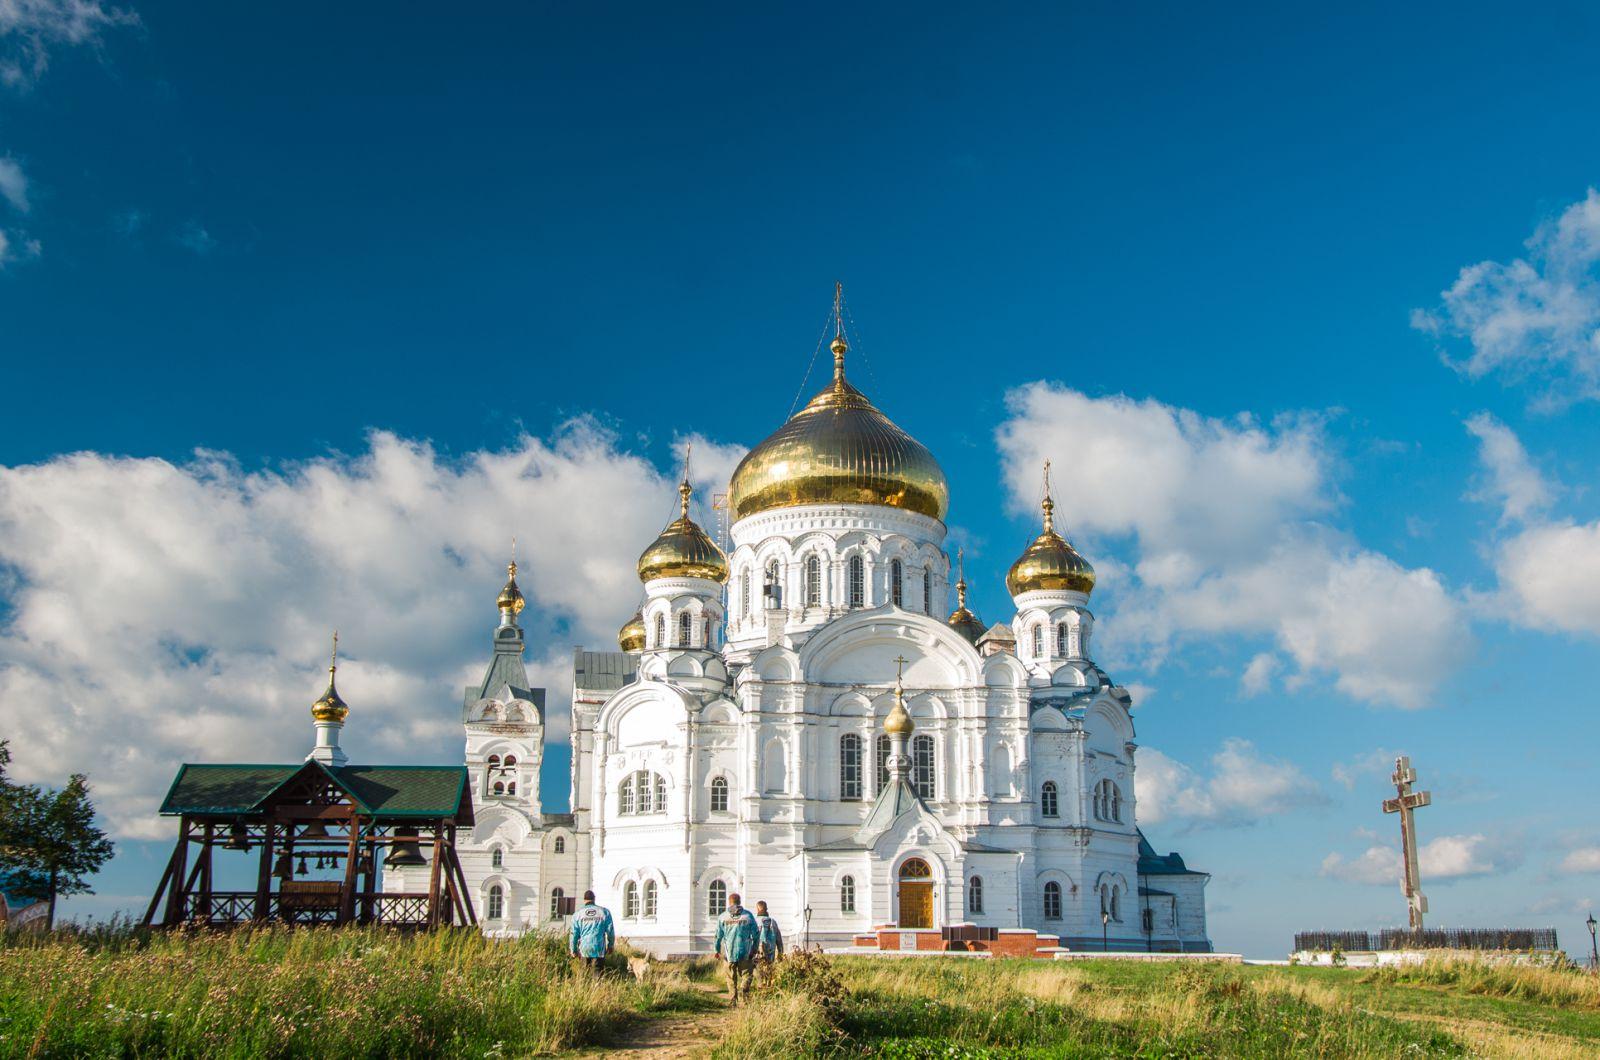 белогорский монастырь картинки добраться